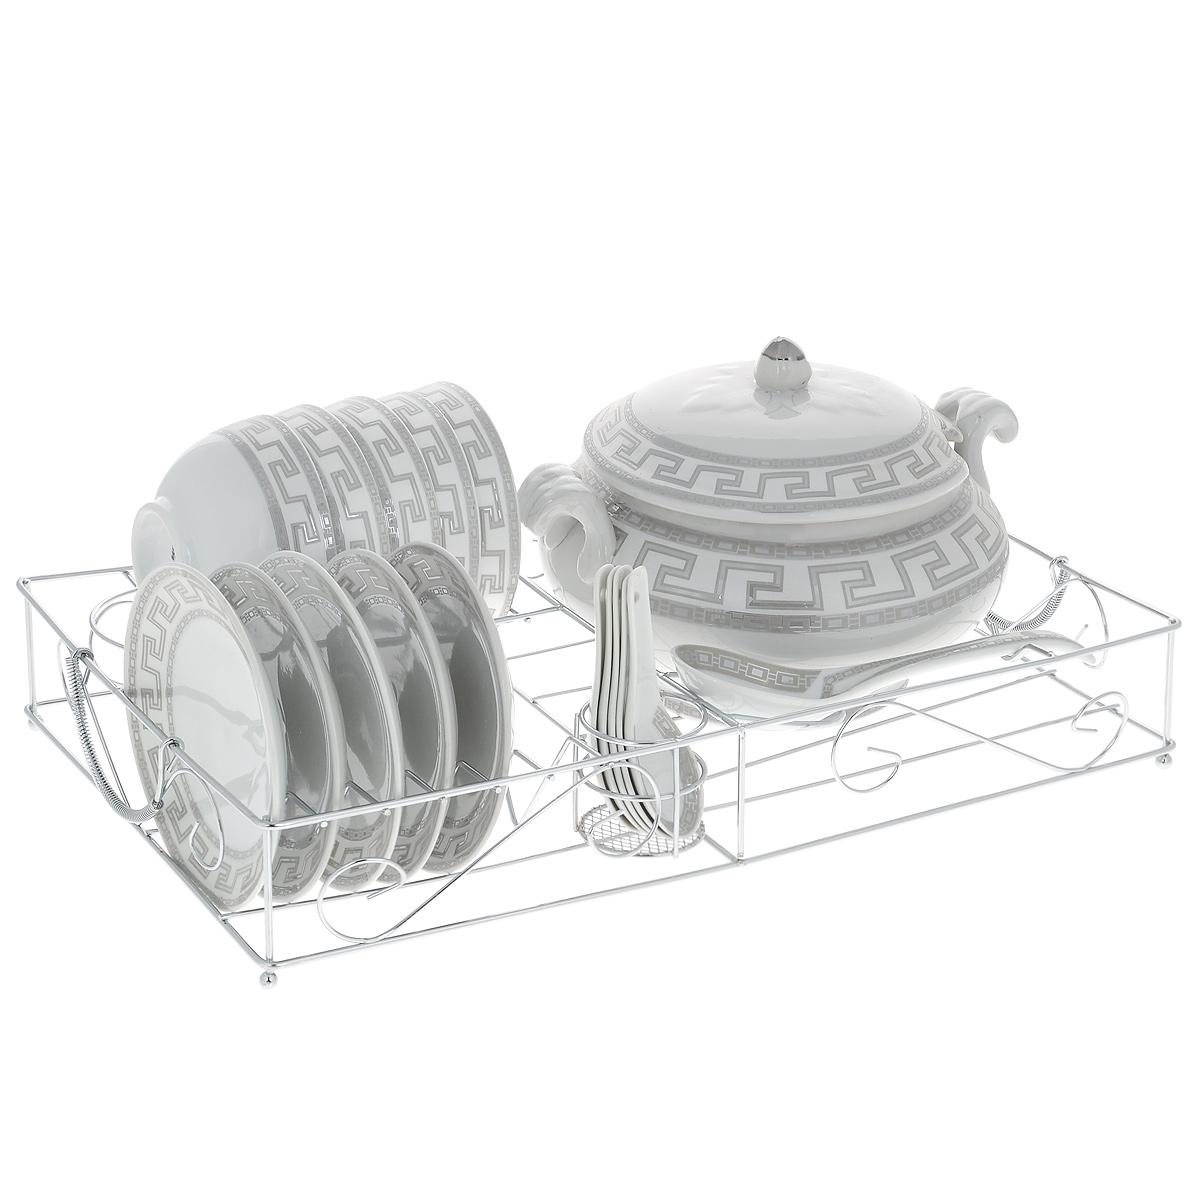 Сервиз Bekker Premium на подставке, 22 предмета. BK-7243115510Сервиз Bekker Premium изготовлен из высококачественного фарфора. В набор входят 6 плоских тарелок, 6 пиал, 6 ложек, половник, супница с крышкой. Изделия декорированы оригинальным орнаментом. Предметы набора компактно располагаются на металлической подставке. Сервиз создаст отличное настроение во время обеда, будет уместен на любой кухне и понравится каждой хозяйке. Практичный и современный дизайн делает набор довольно простым и удобным в эксплуатации. Изделия можно использовать в микроволновой печи и посудомоечной машине.